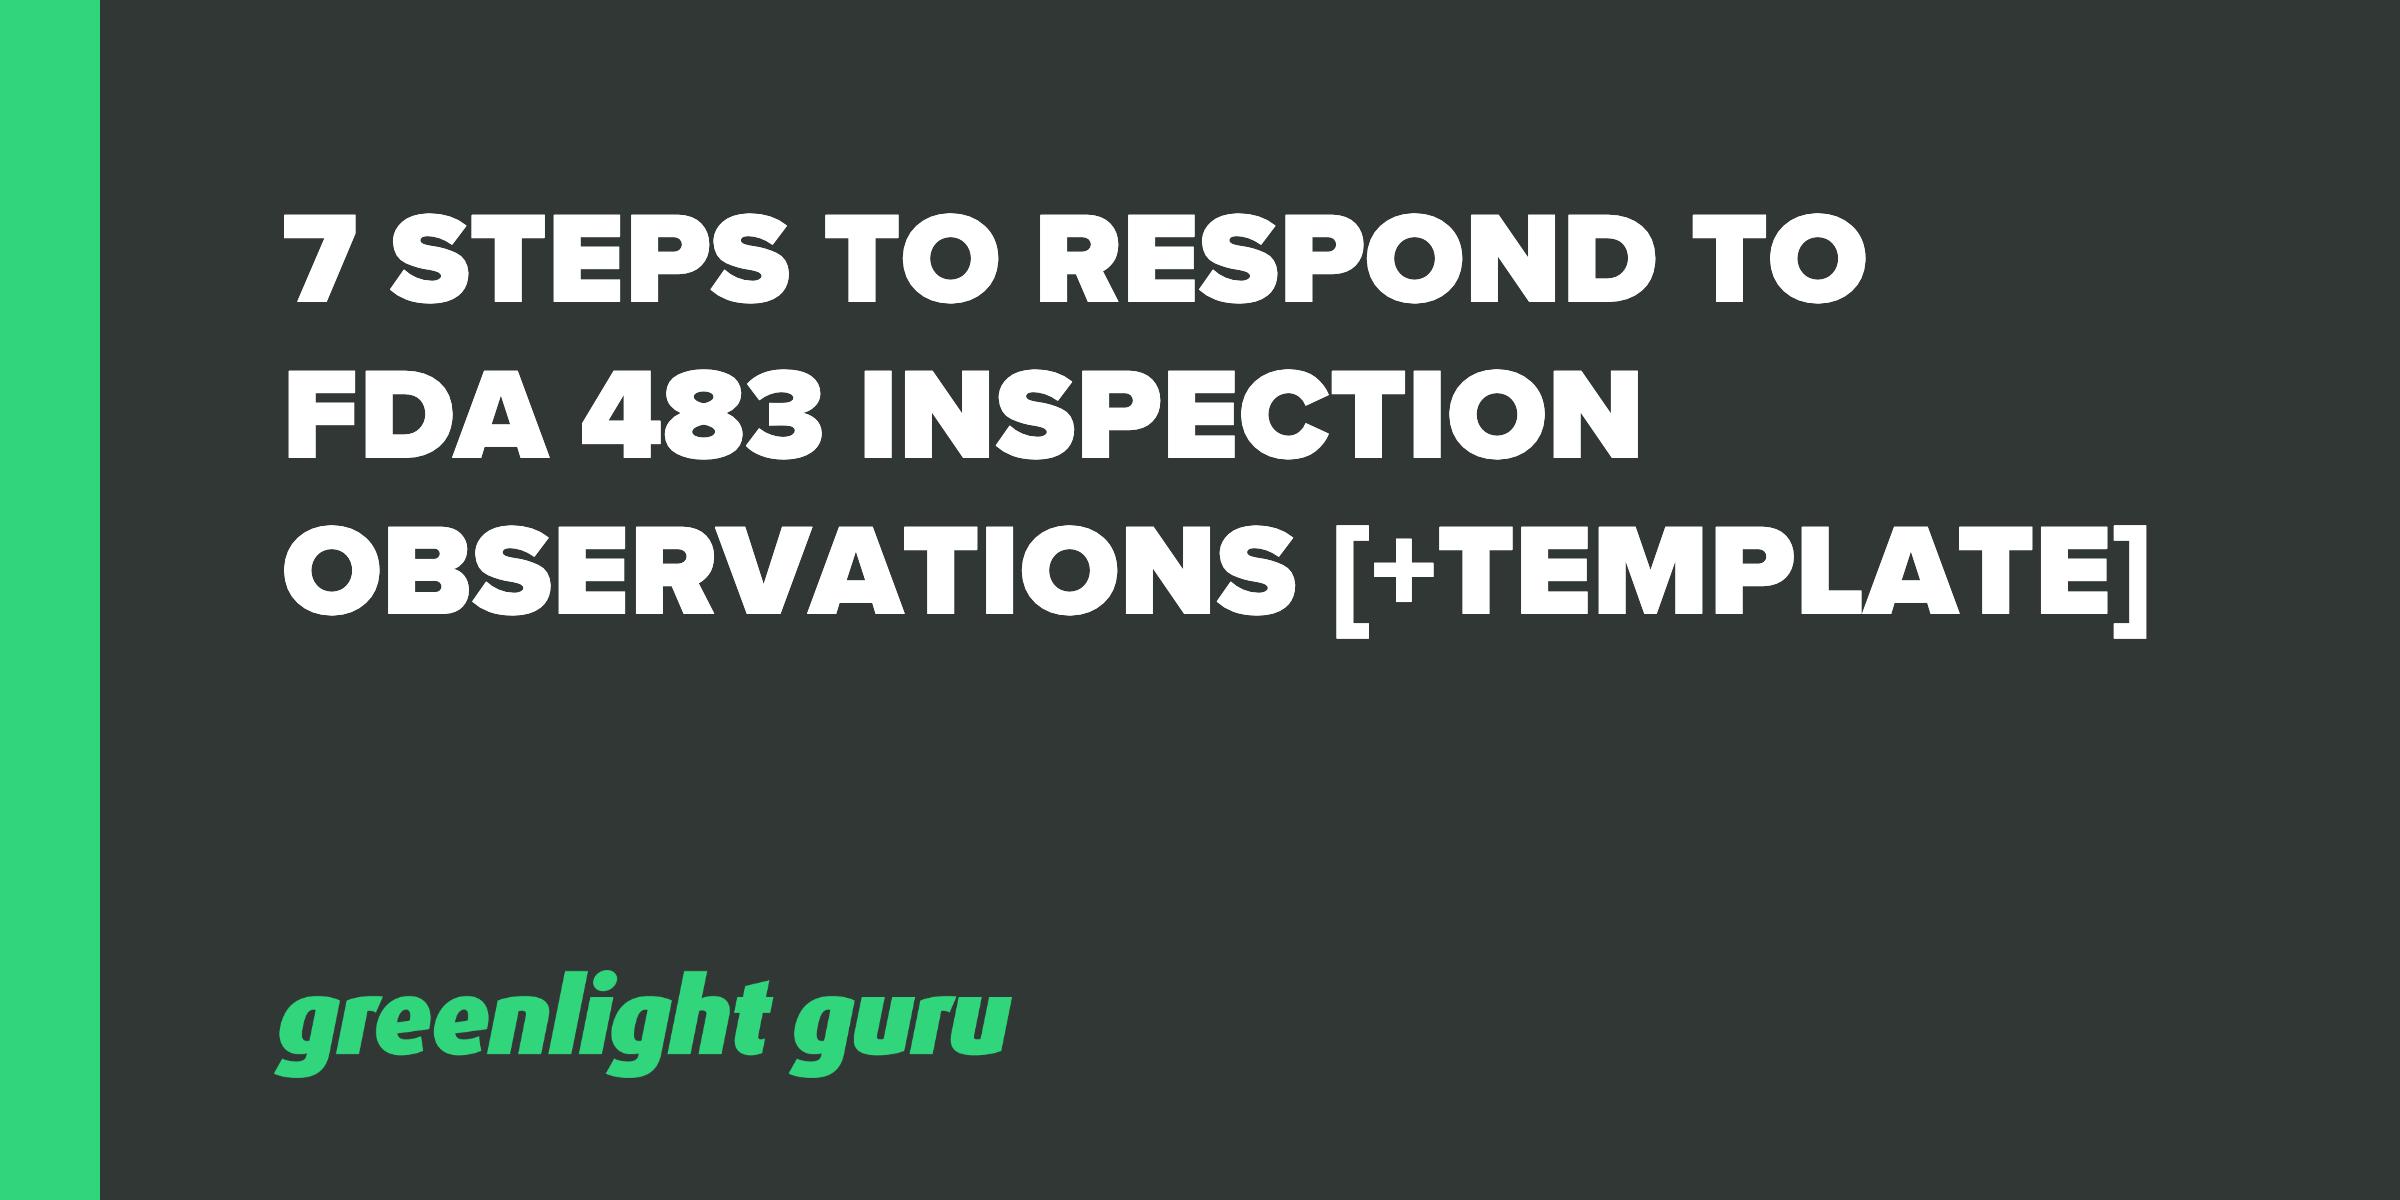 7 steps to respond 483 obs